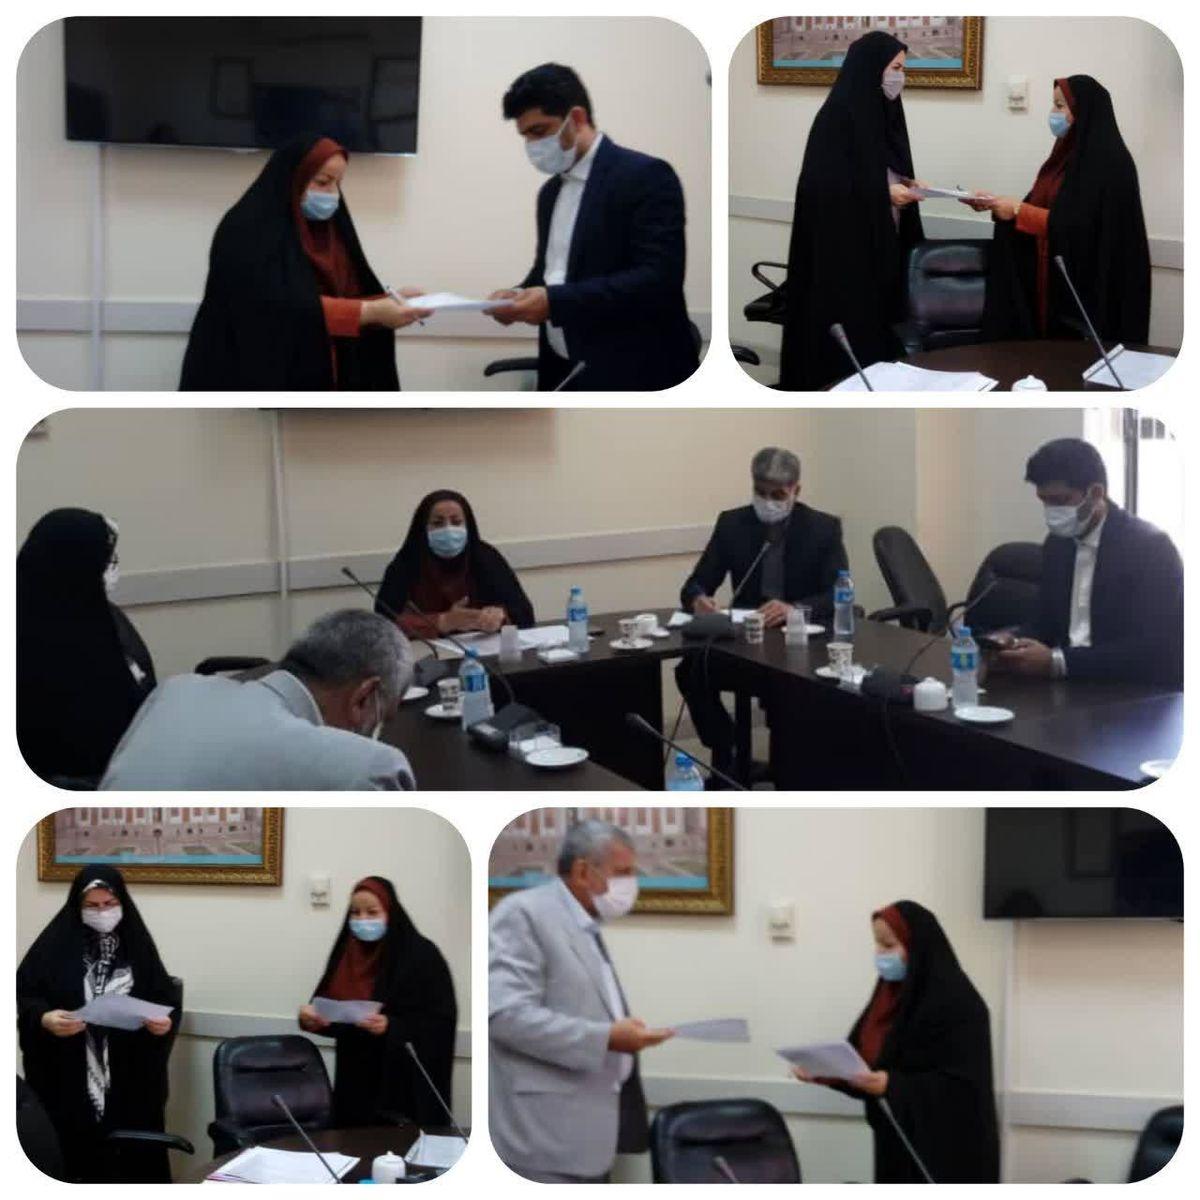 اعضا مرکز هماهنگی مشارکت های مردمی مبارزه با کرونا در گلستان منصوب شدند